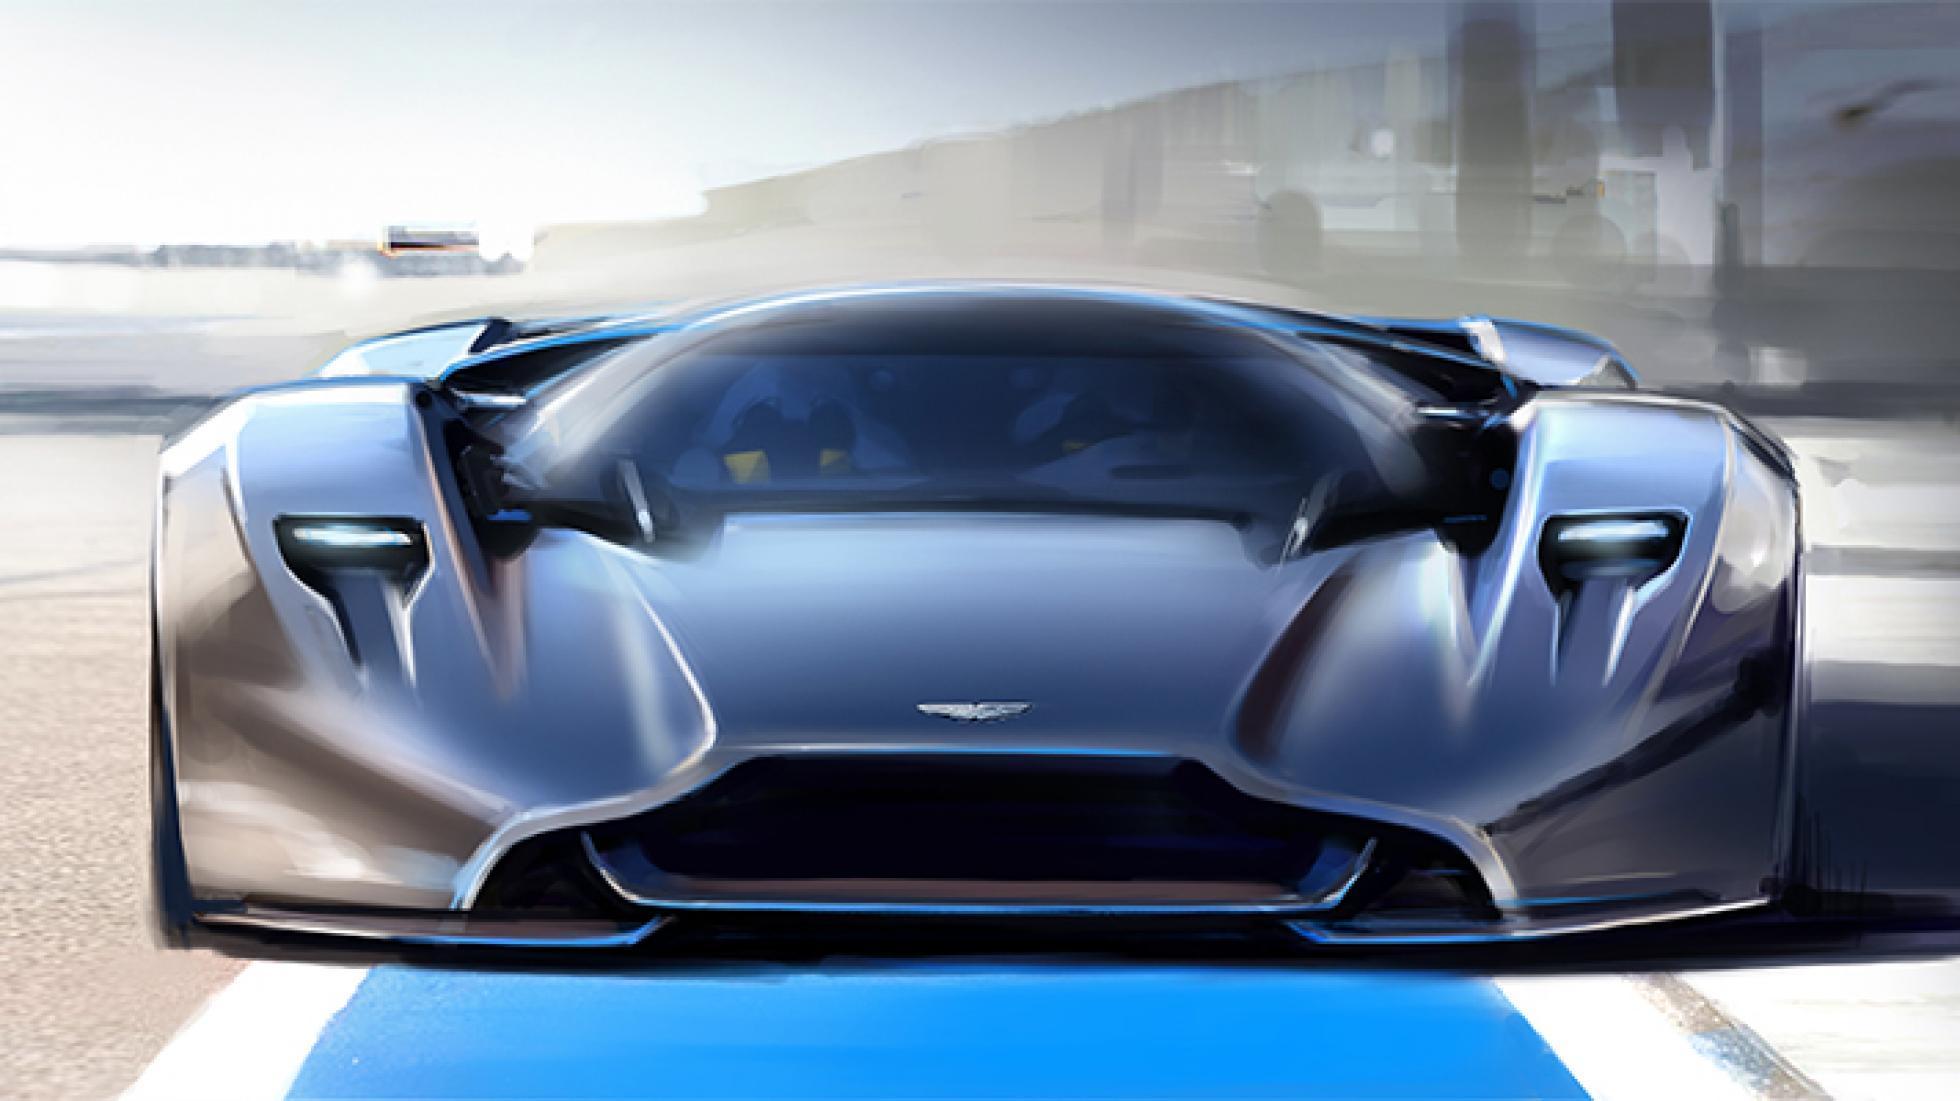 Aston Martin Meldet Ausverkauft Für Supersportler